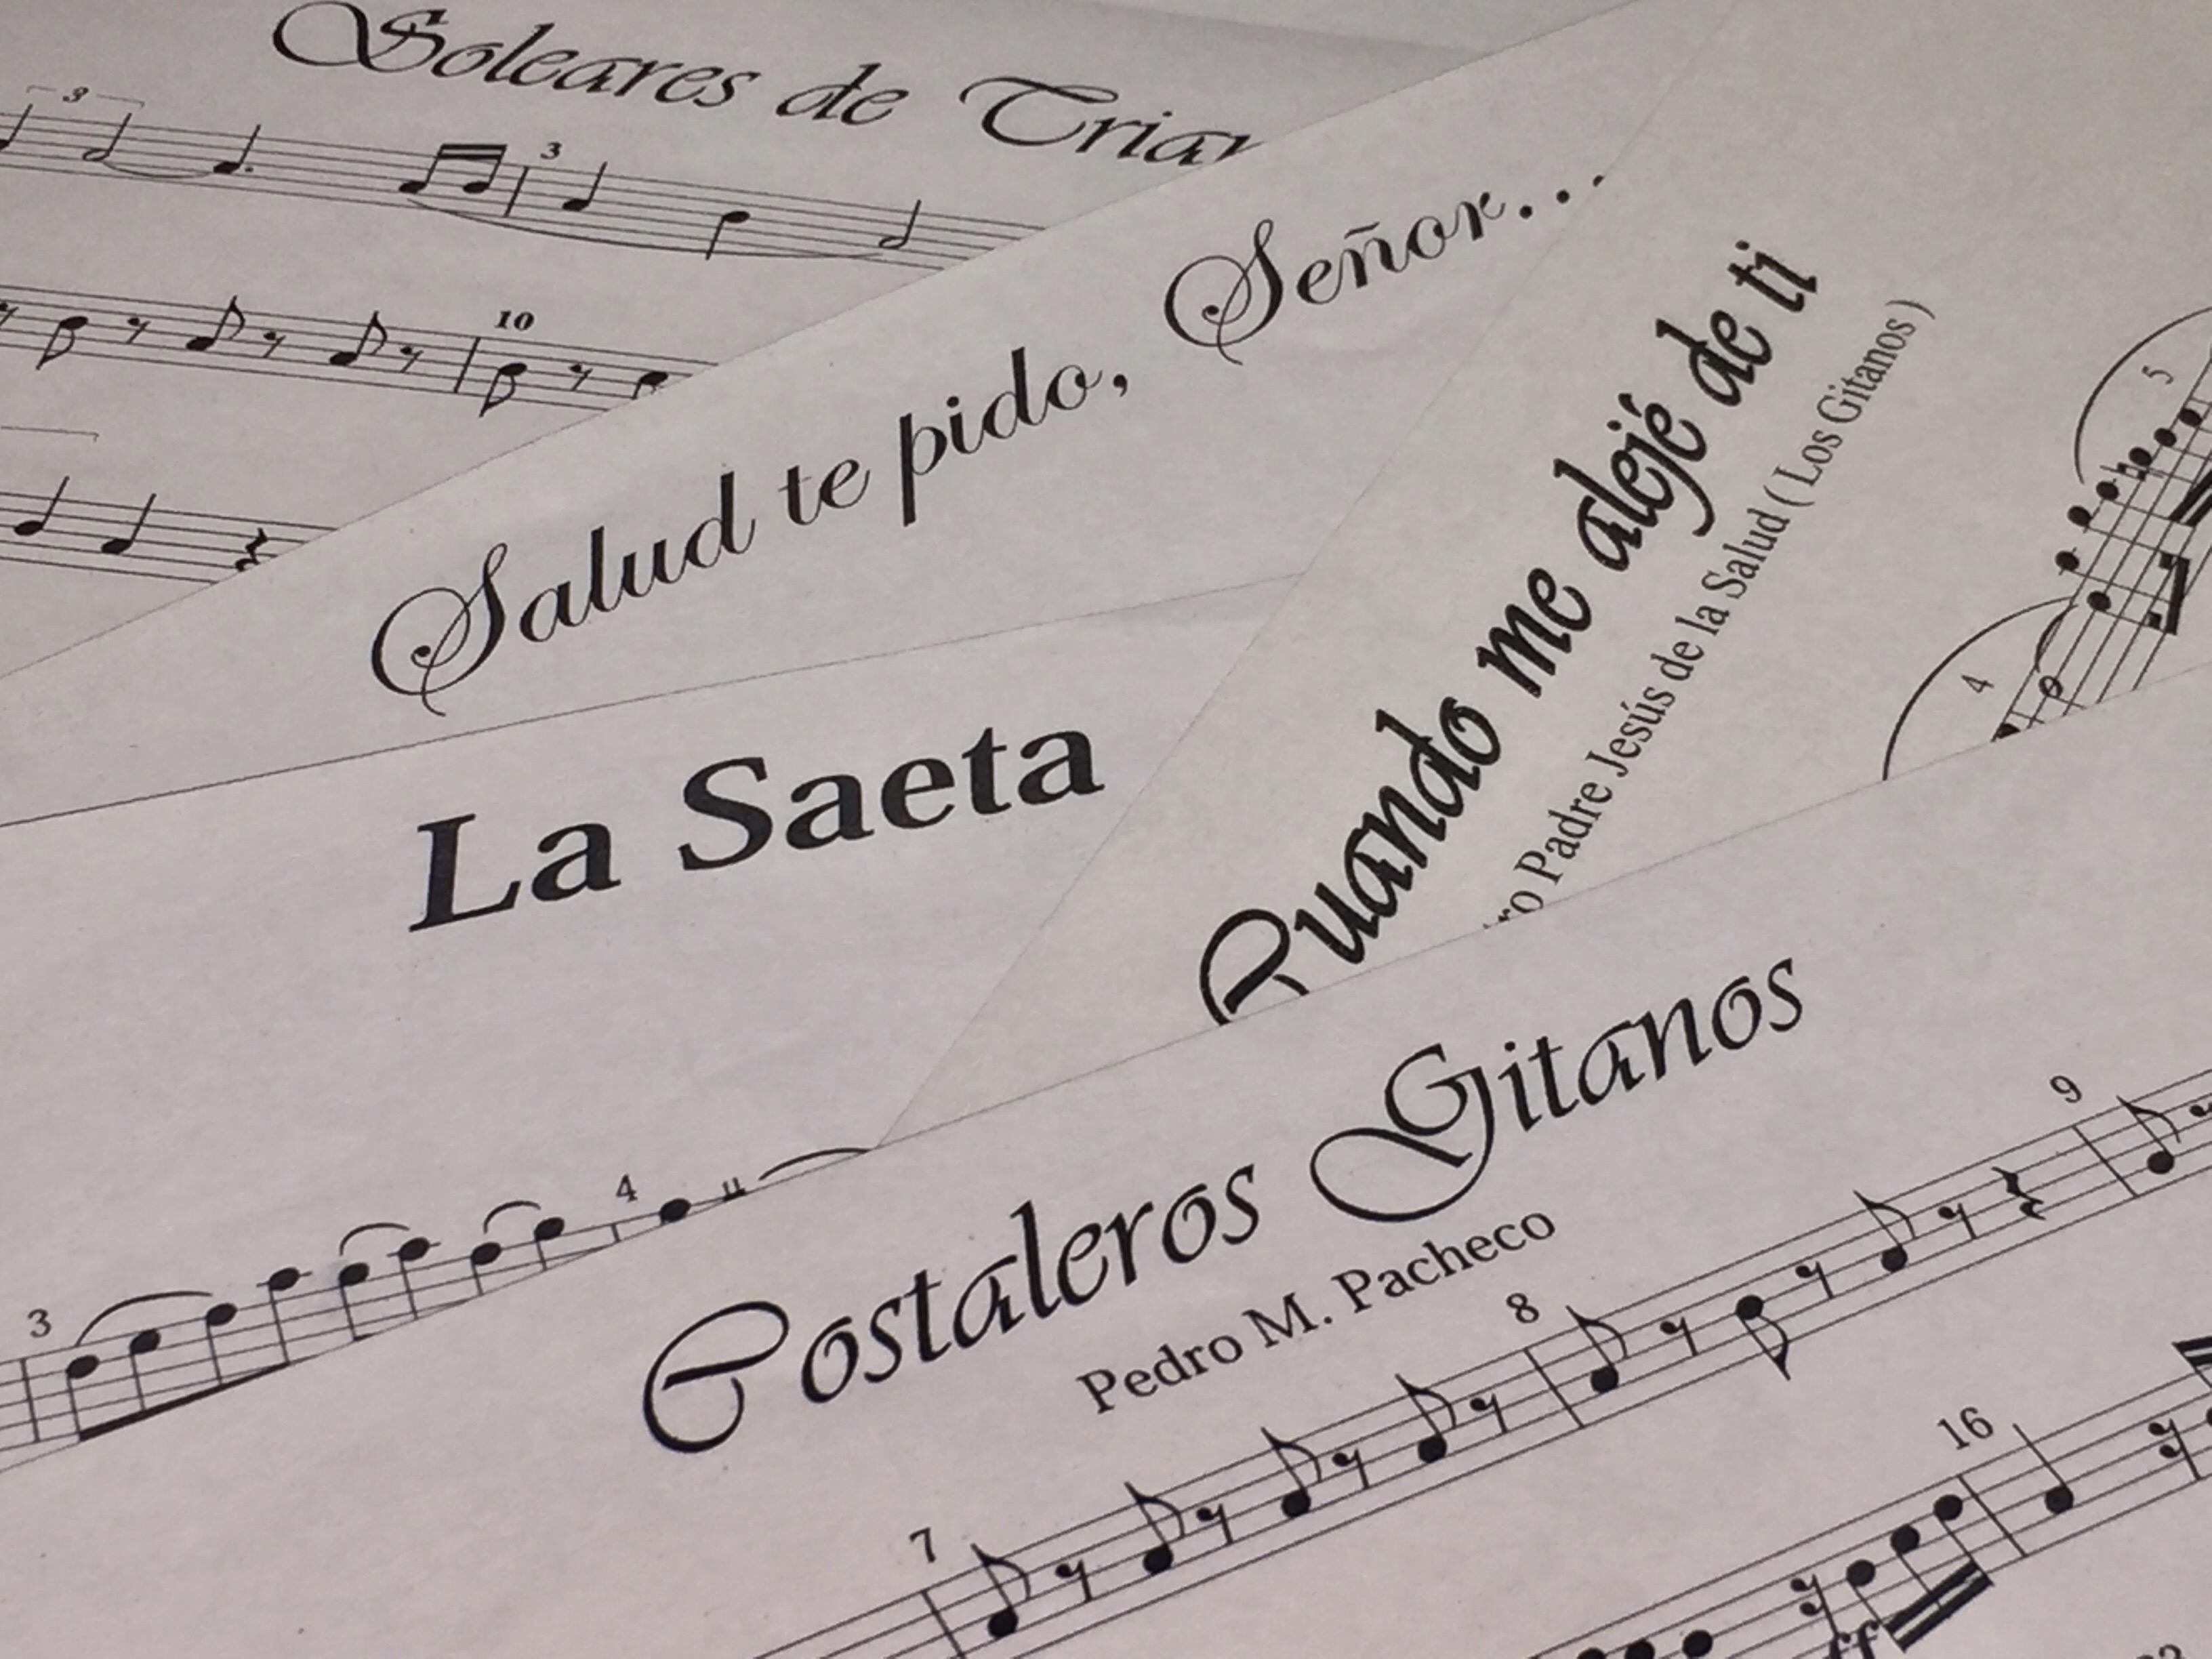 Nueva forma de petición para partituras y guiones musicales